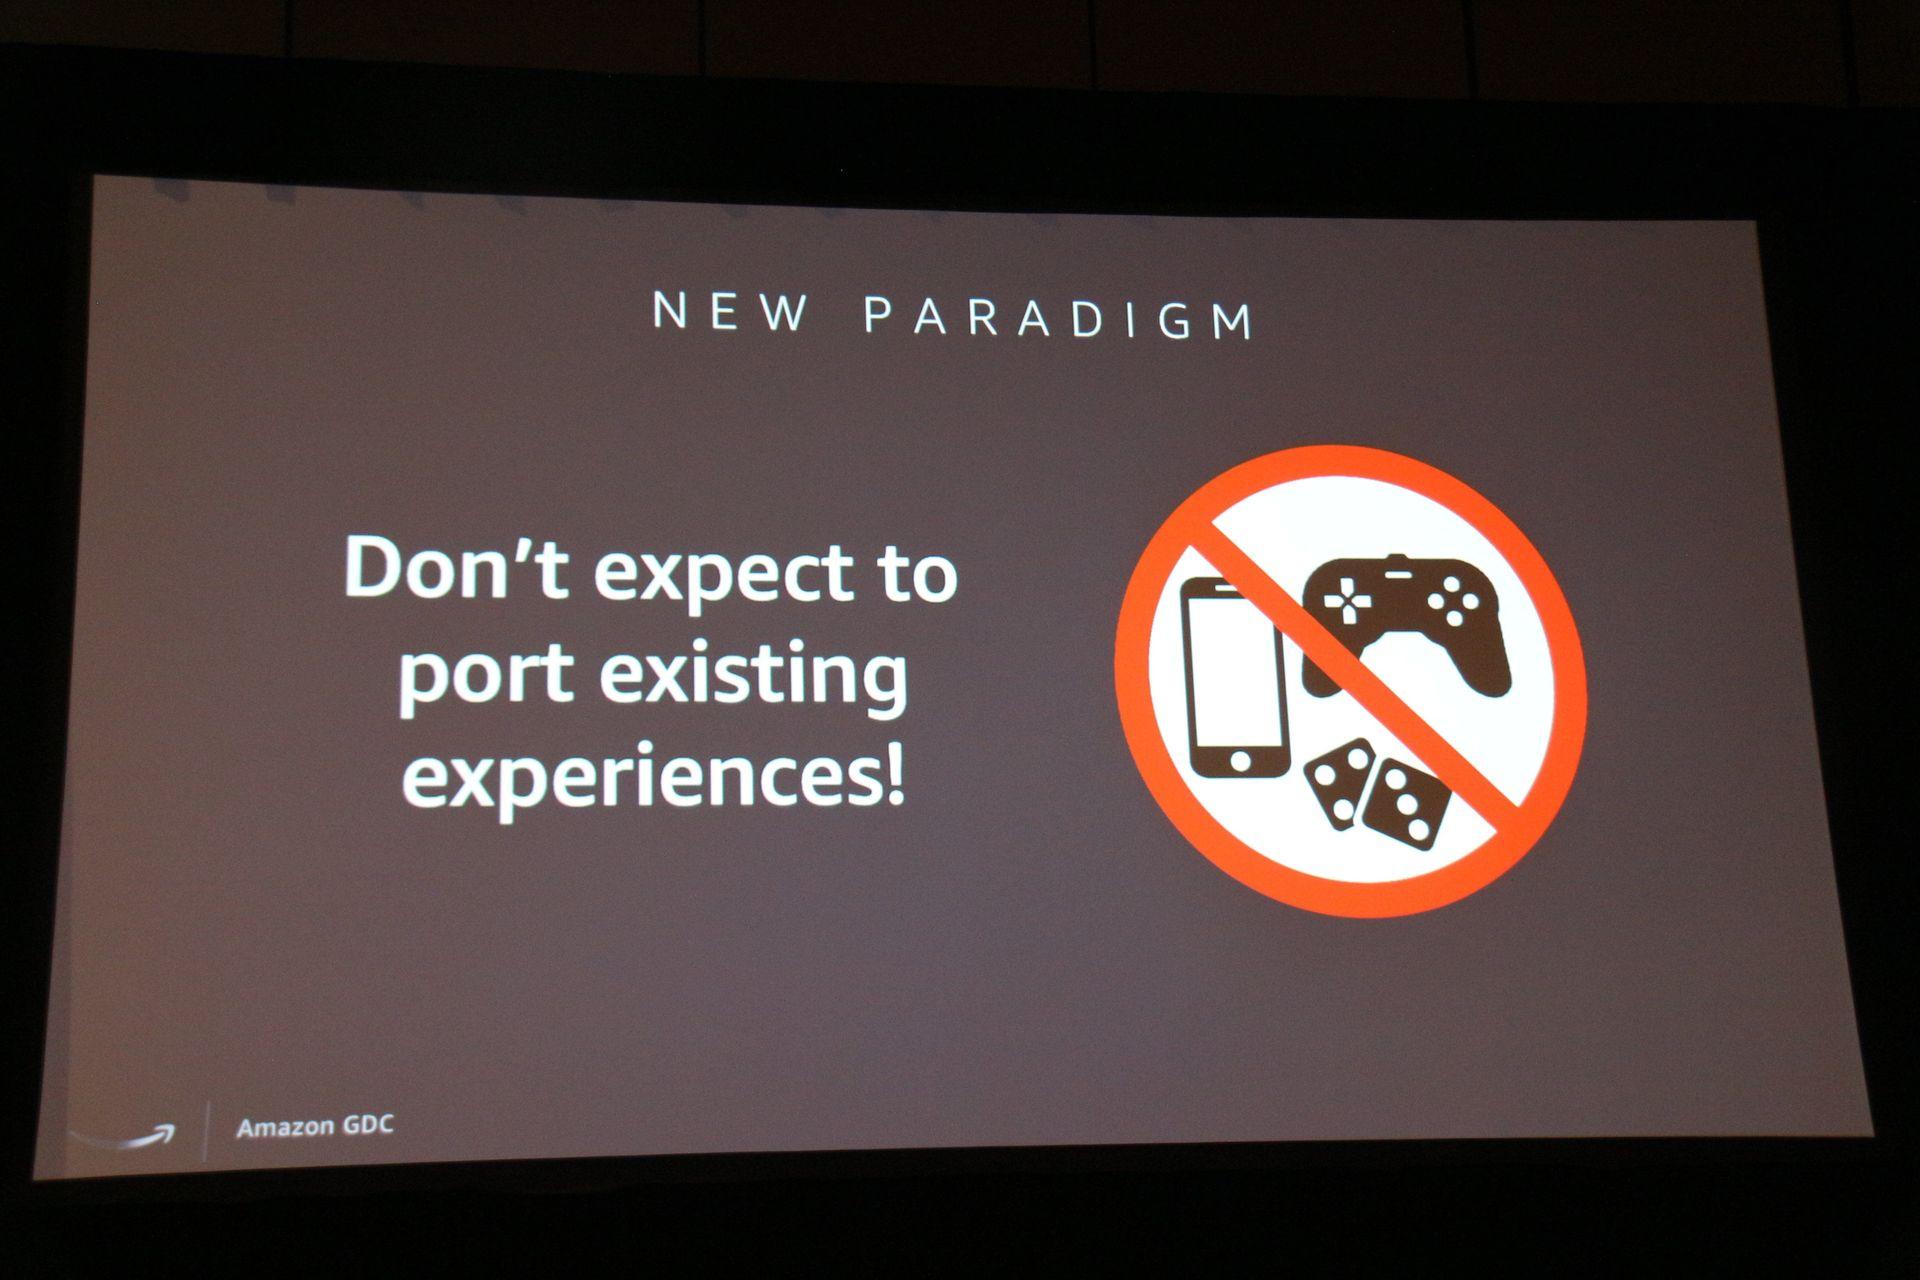 ボイスゲームは、既存のゲームを置き換える存在ではないが、既存の開発ノウハウは活用できる